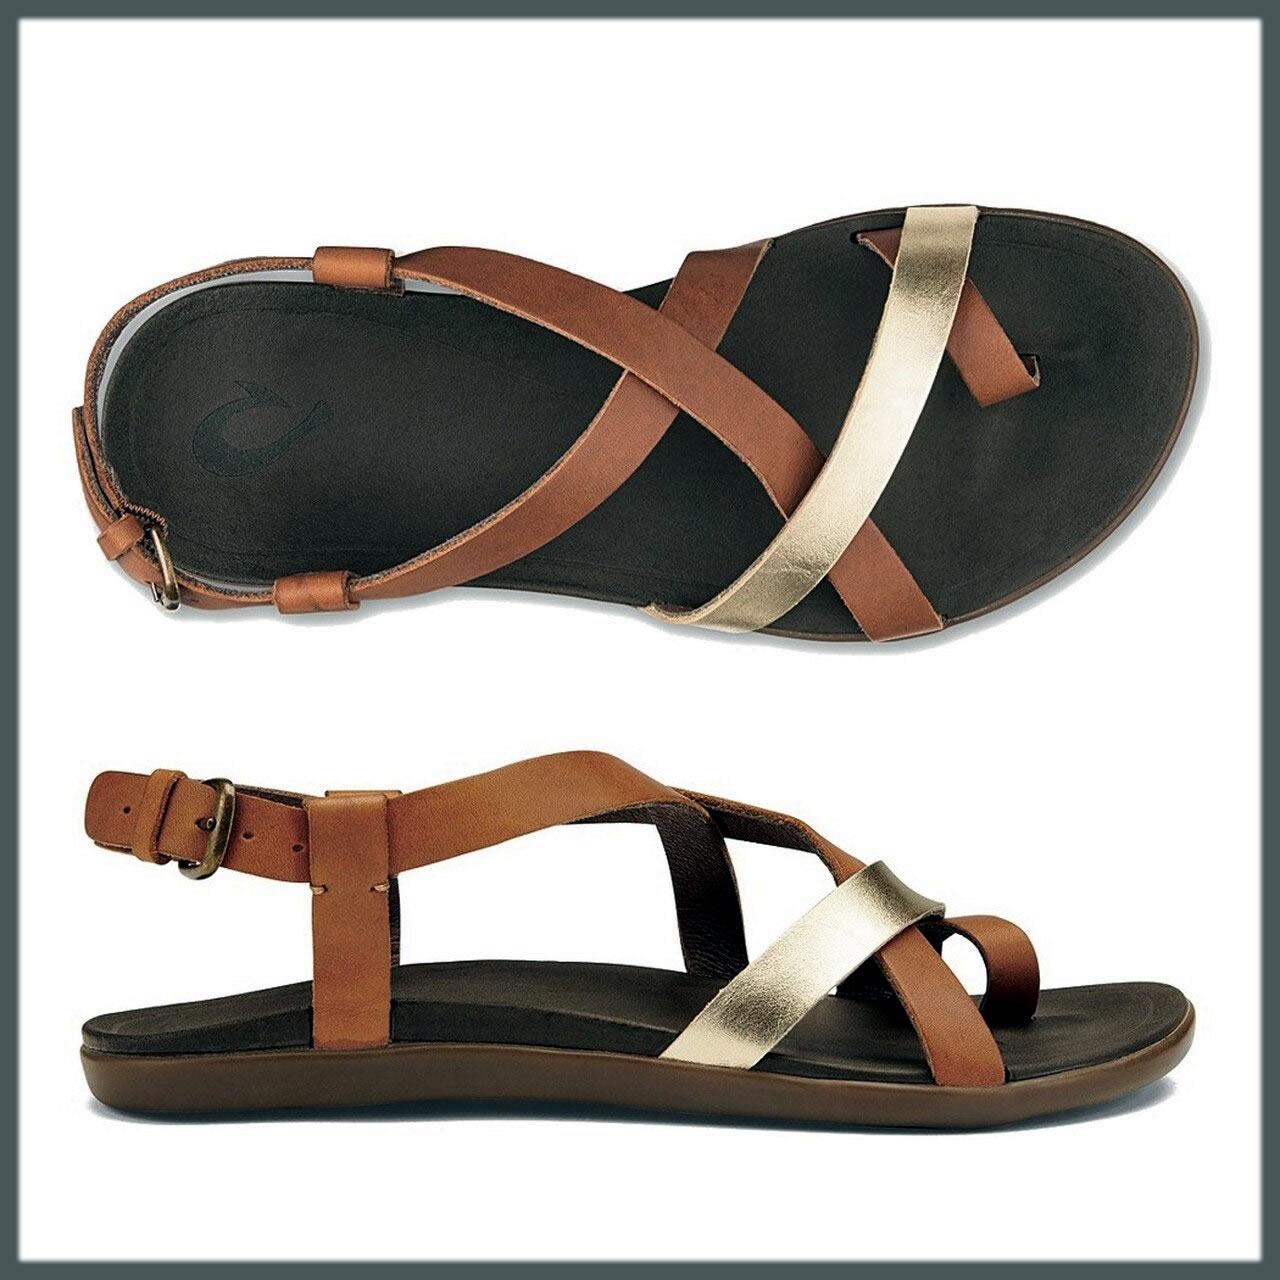 classy Upena Sandal For Women